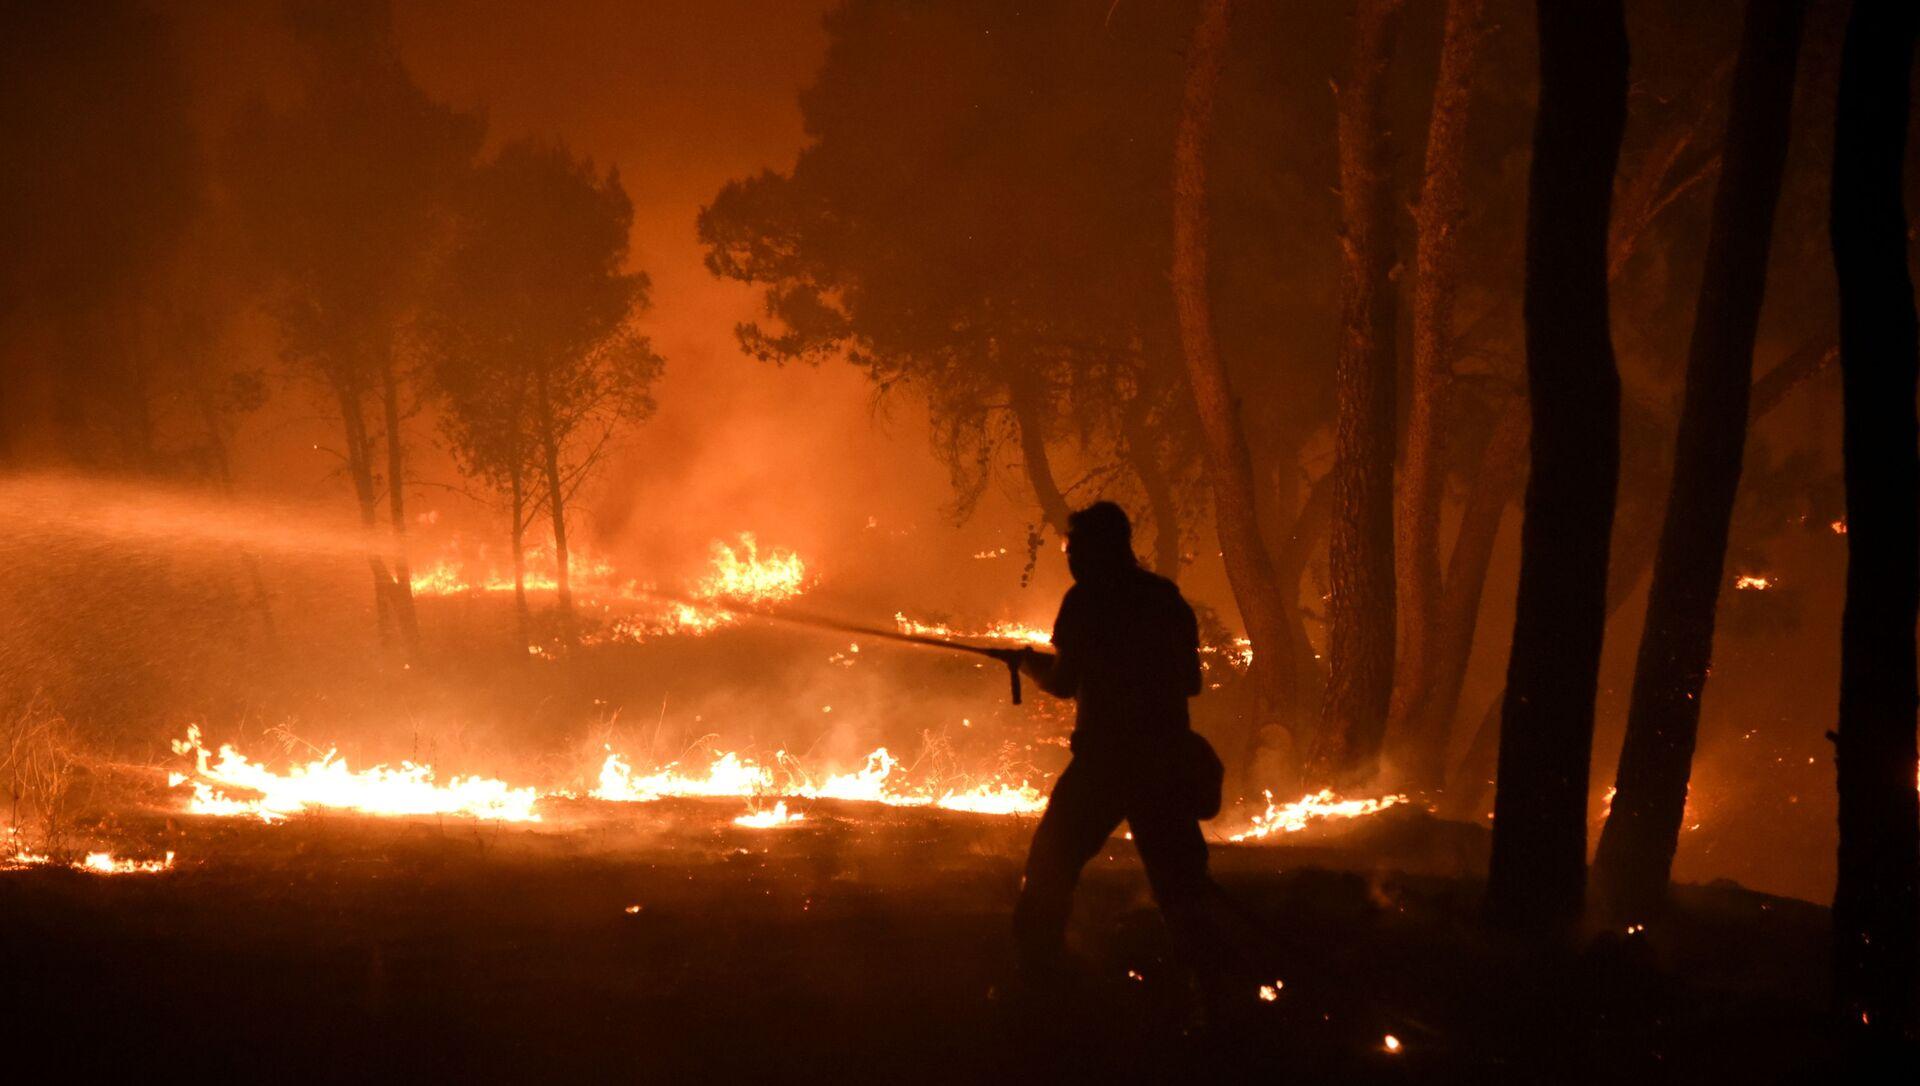 Incendies en Grèce, le 7 août 2021 - Sputnik France, 1920, 11.08.2021